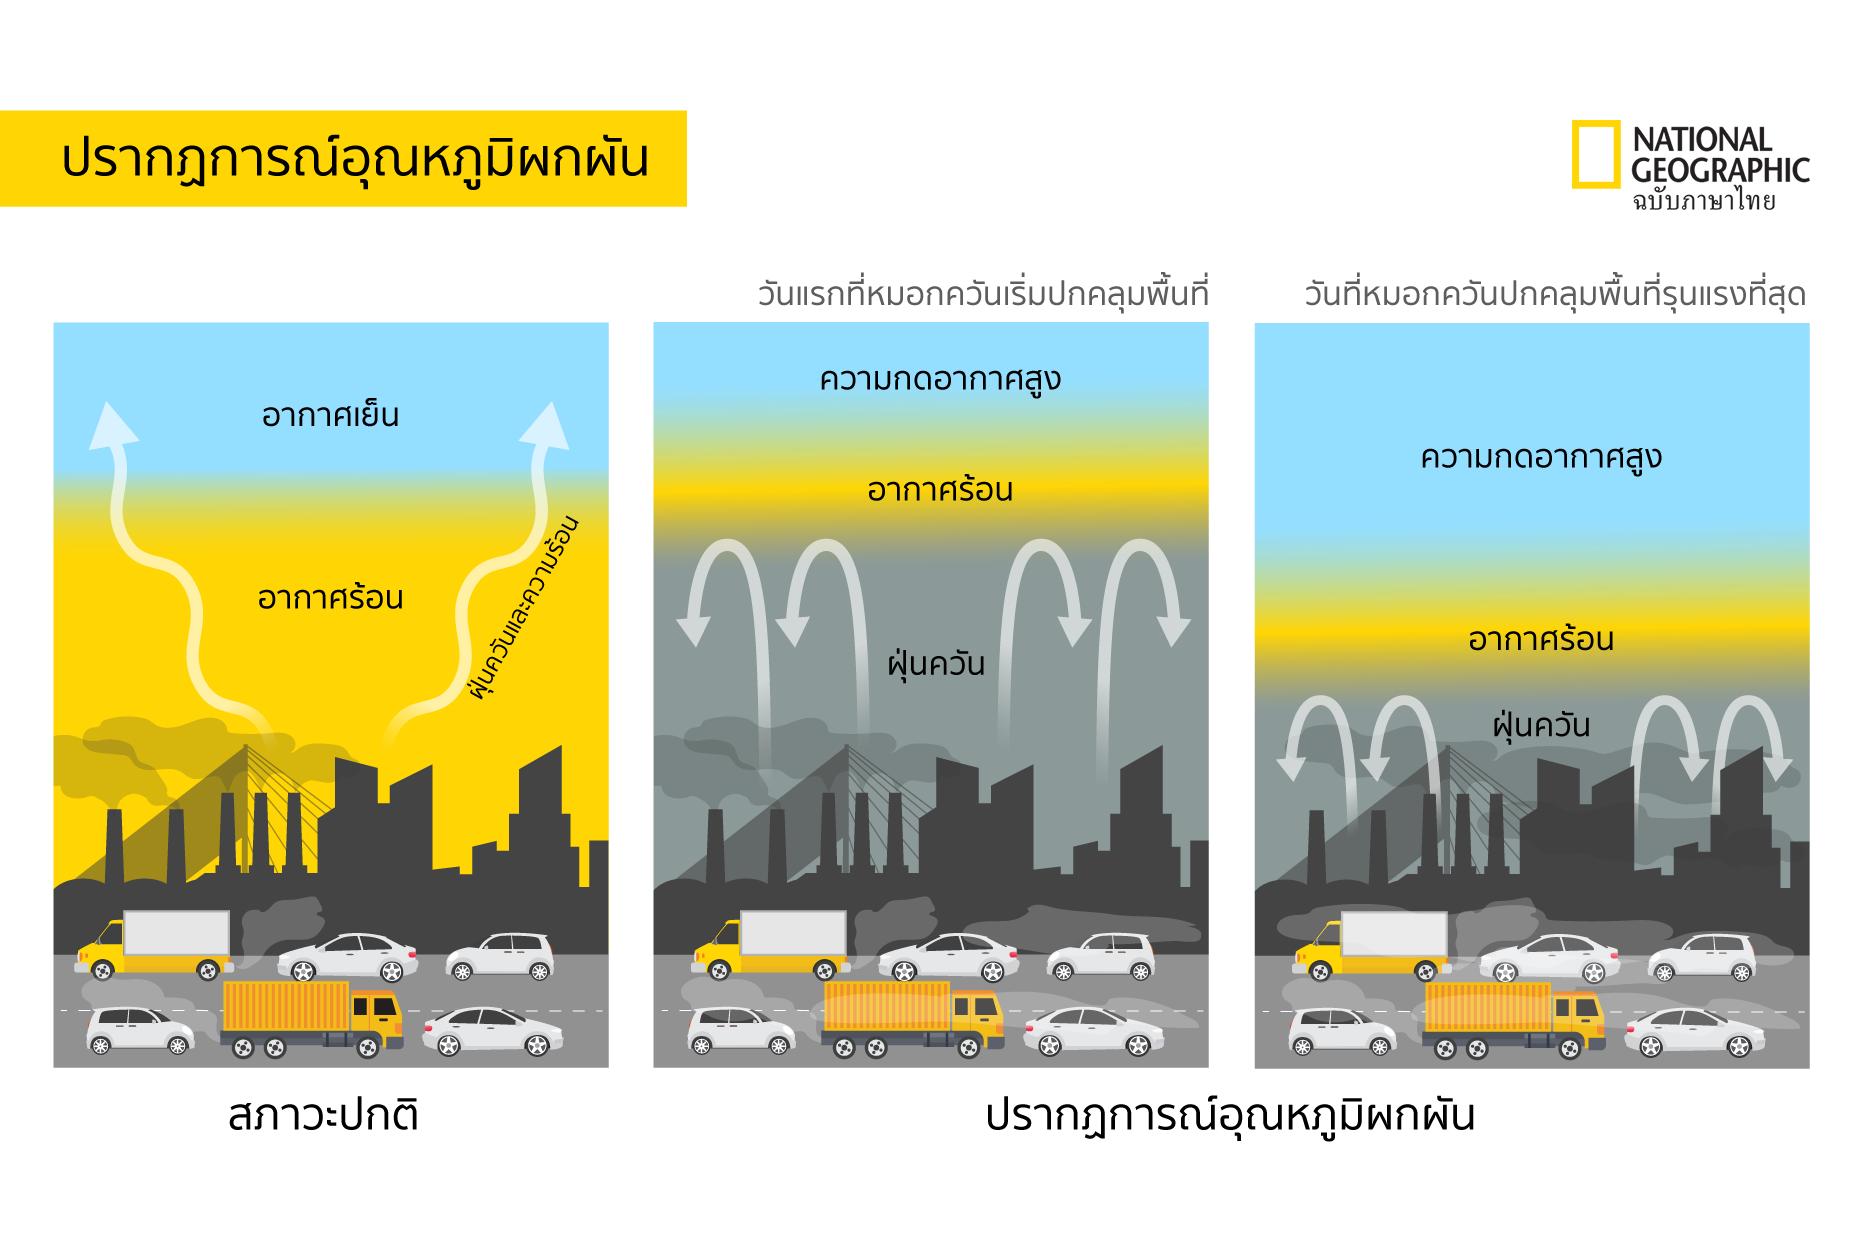 ฝุ่น, PM2.5, มลพิษทางอากาศ, โดมความร้อน, ฝุ่นละออง